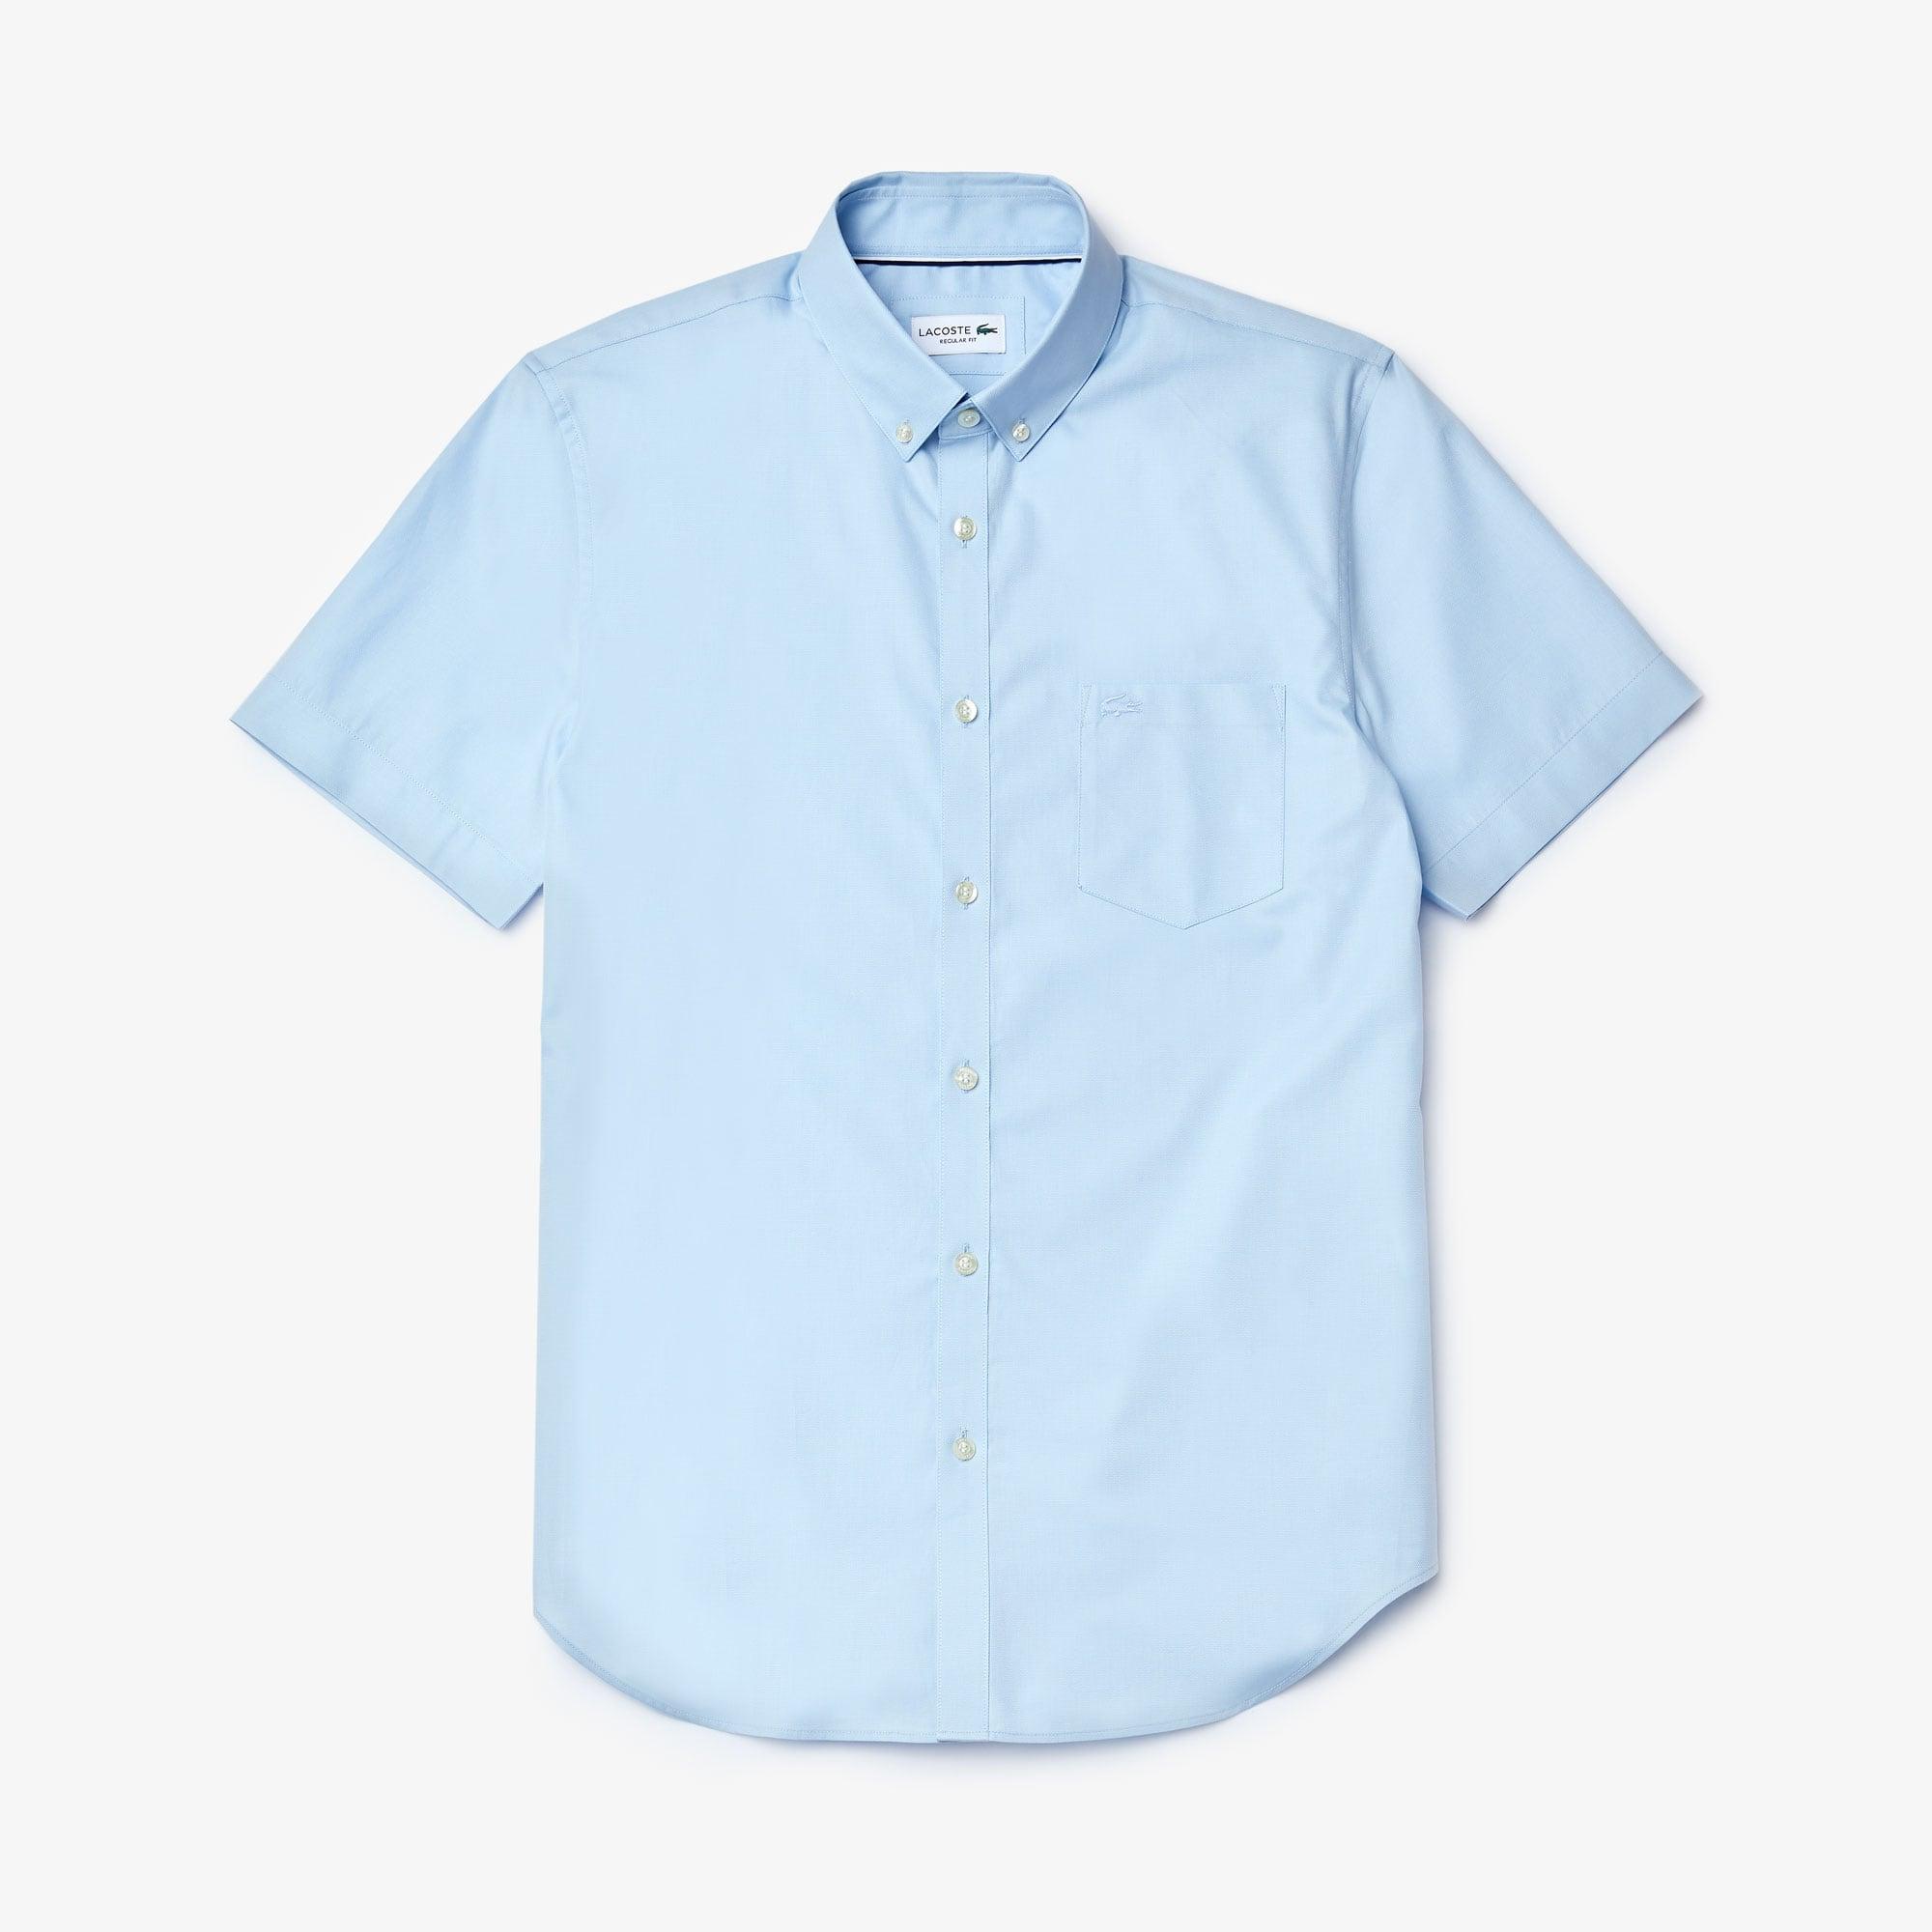 라코스테 Lacoste Mens Regular Fit Mini Pique Shirt,light blue / light blue